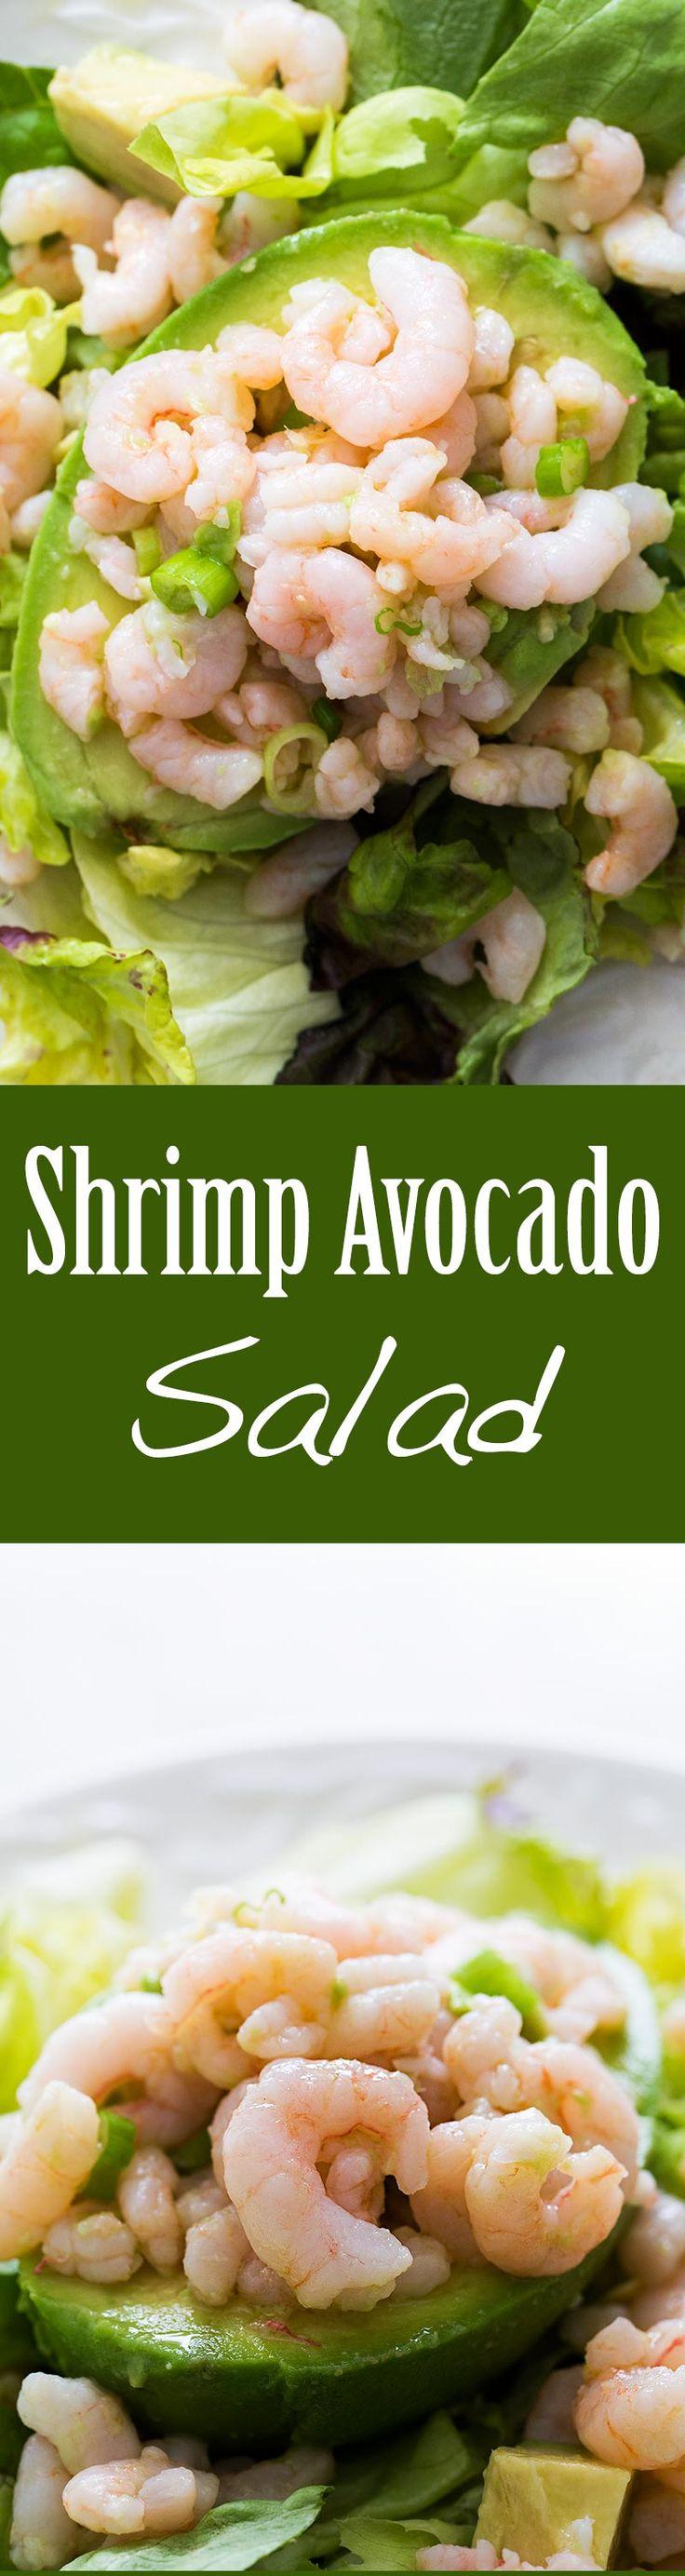 Easy shrimp and avocado salad, takes only 10 minutes to make! Pink shrimp and creamy avocado are a perfect match, especially with a crisp vinaigrette. #paleo #glutenfree #LowCarb On SimplyRecipes.com